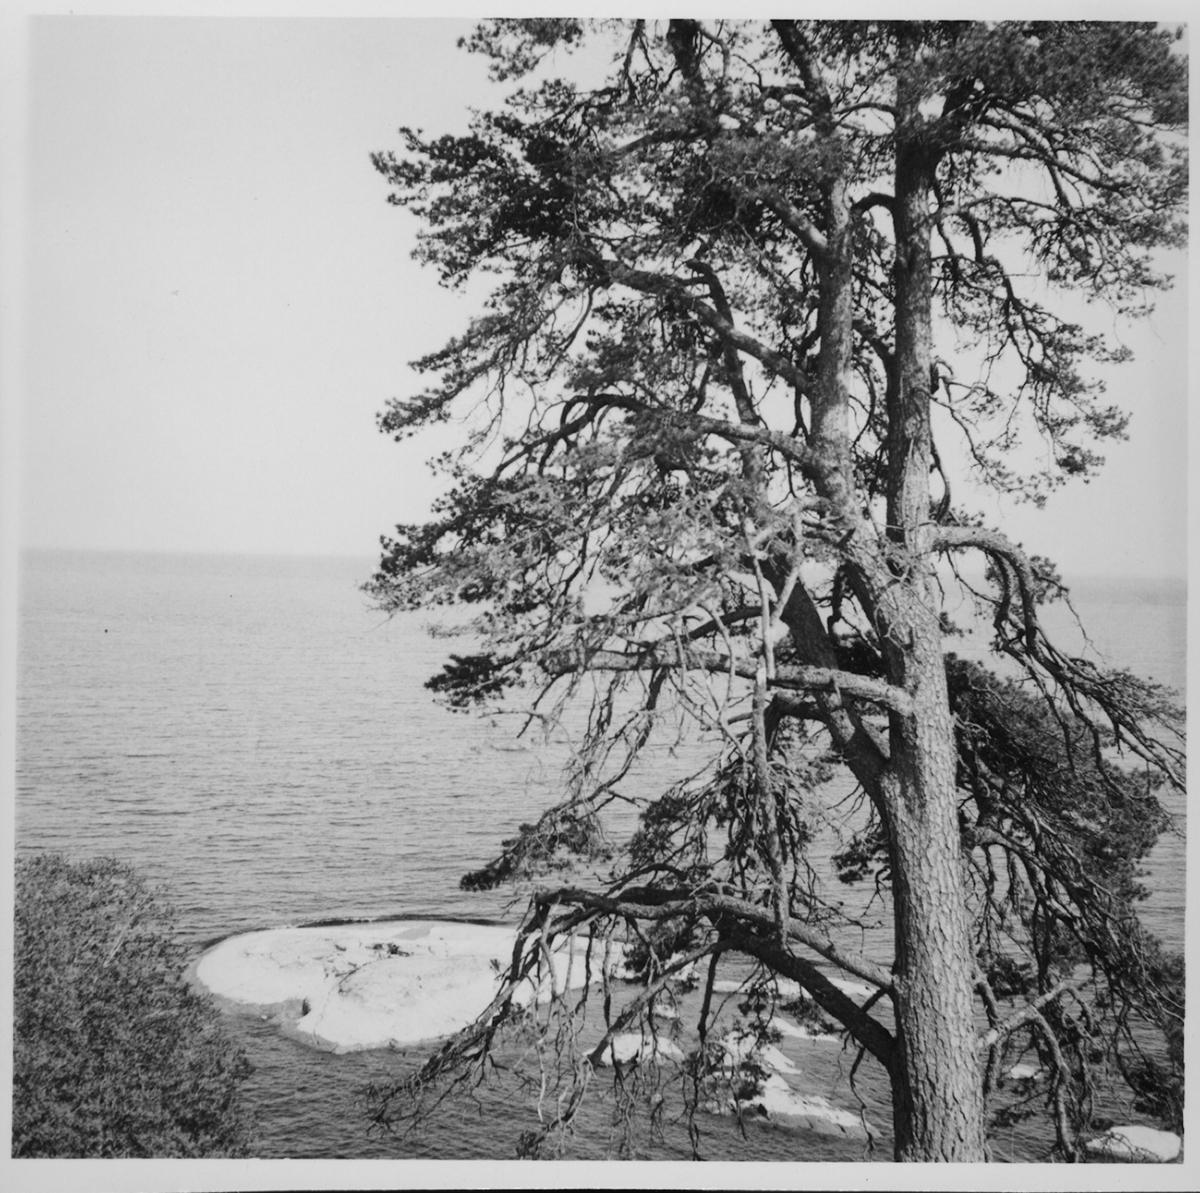 Bolstad, Utsikt över Vänern från Dalaborg